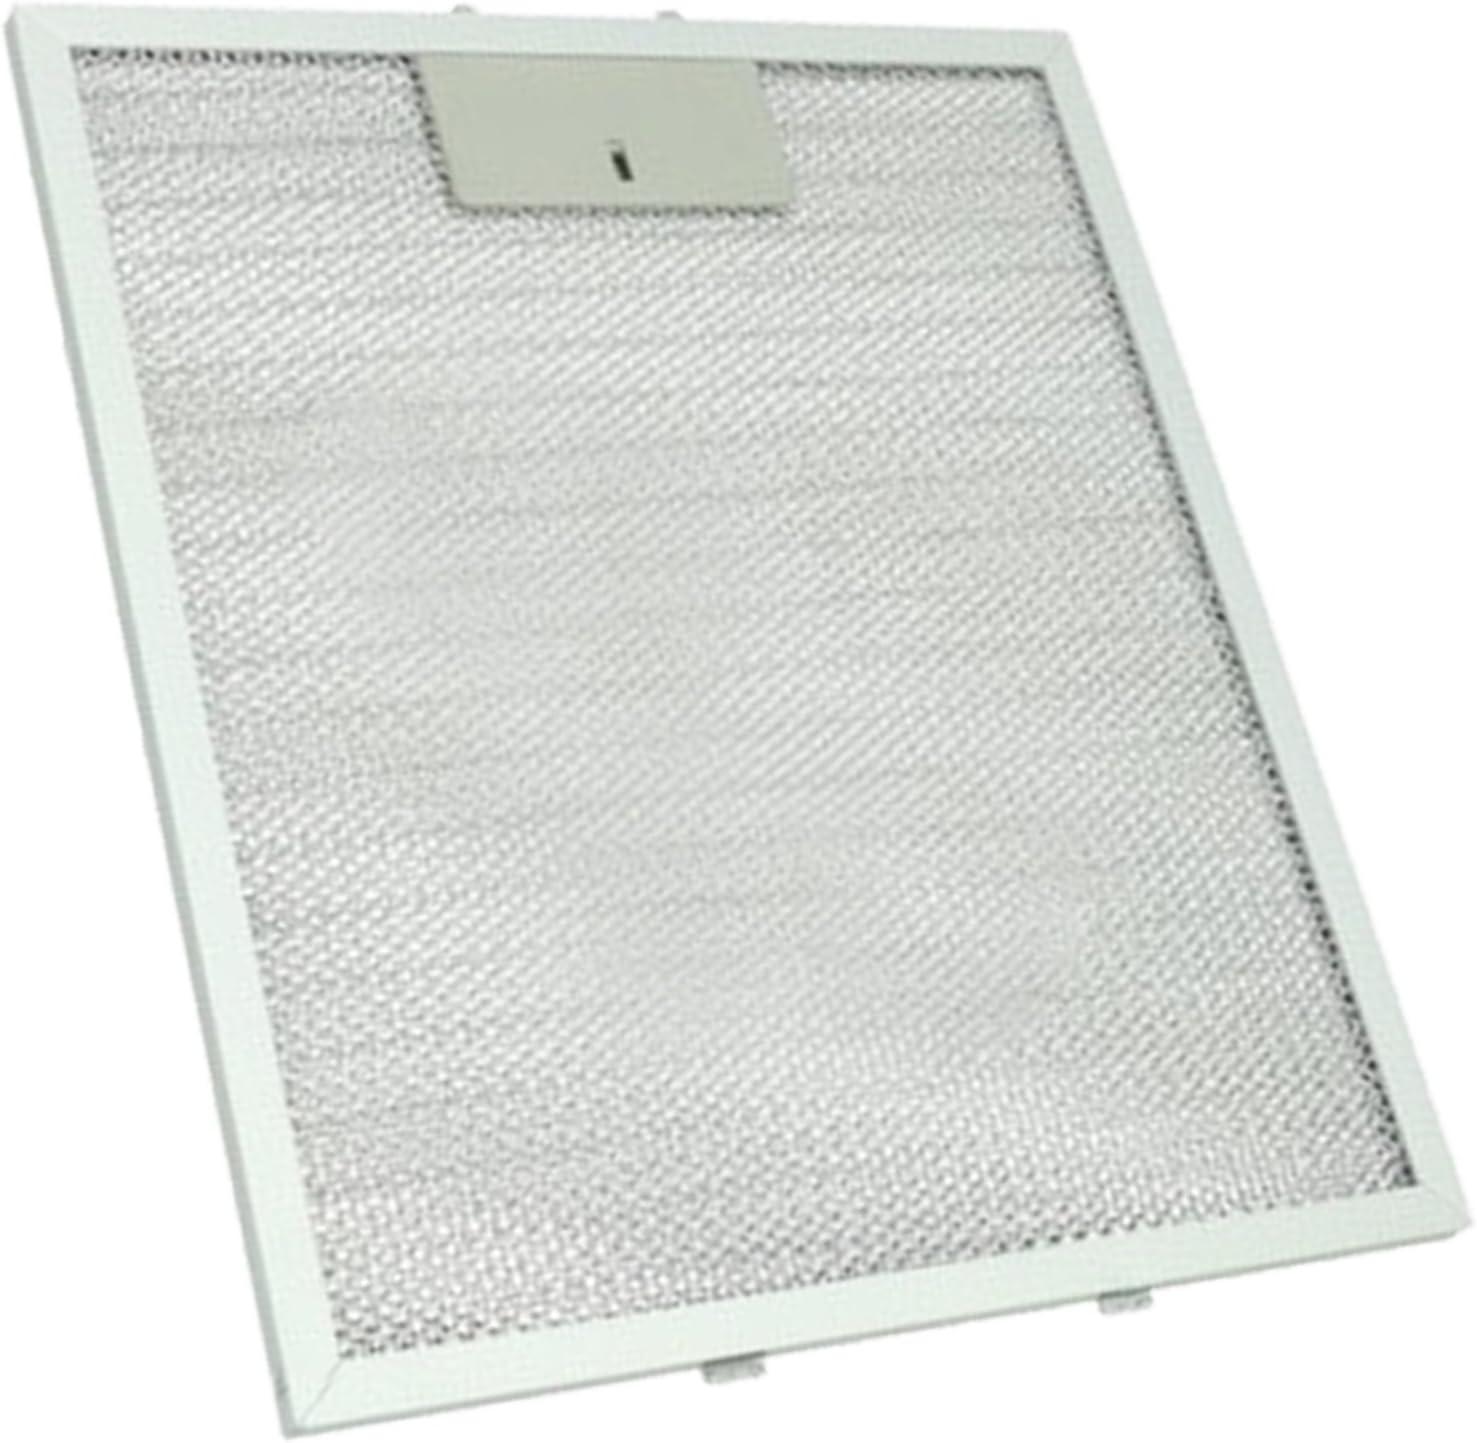 Spares2go aluminio, 2 unidades Extractor de rejilla de ventilaci/ón